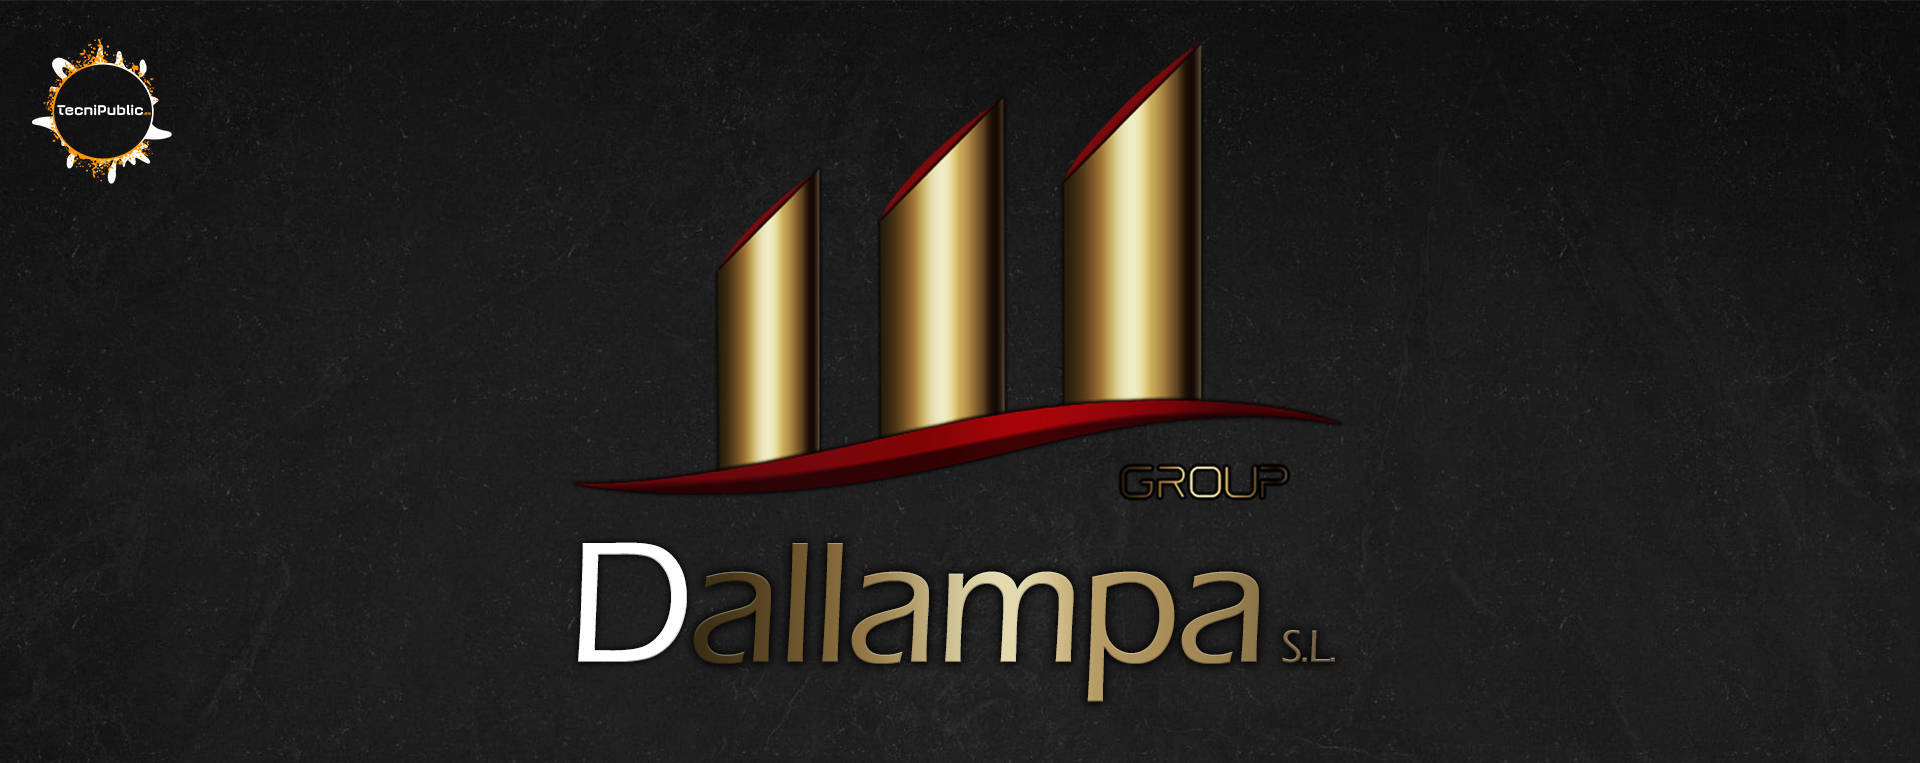 logo grupo Dallampa by TecniPublic.es